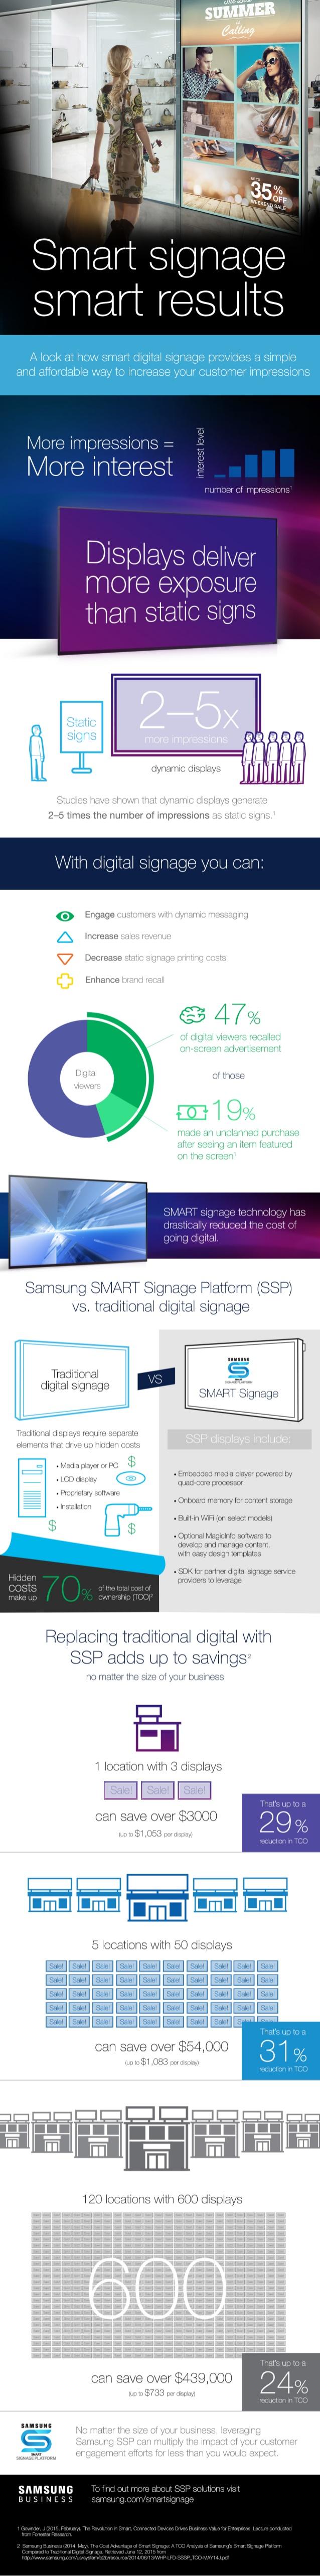 smart-signage-smart-results-1-638